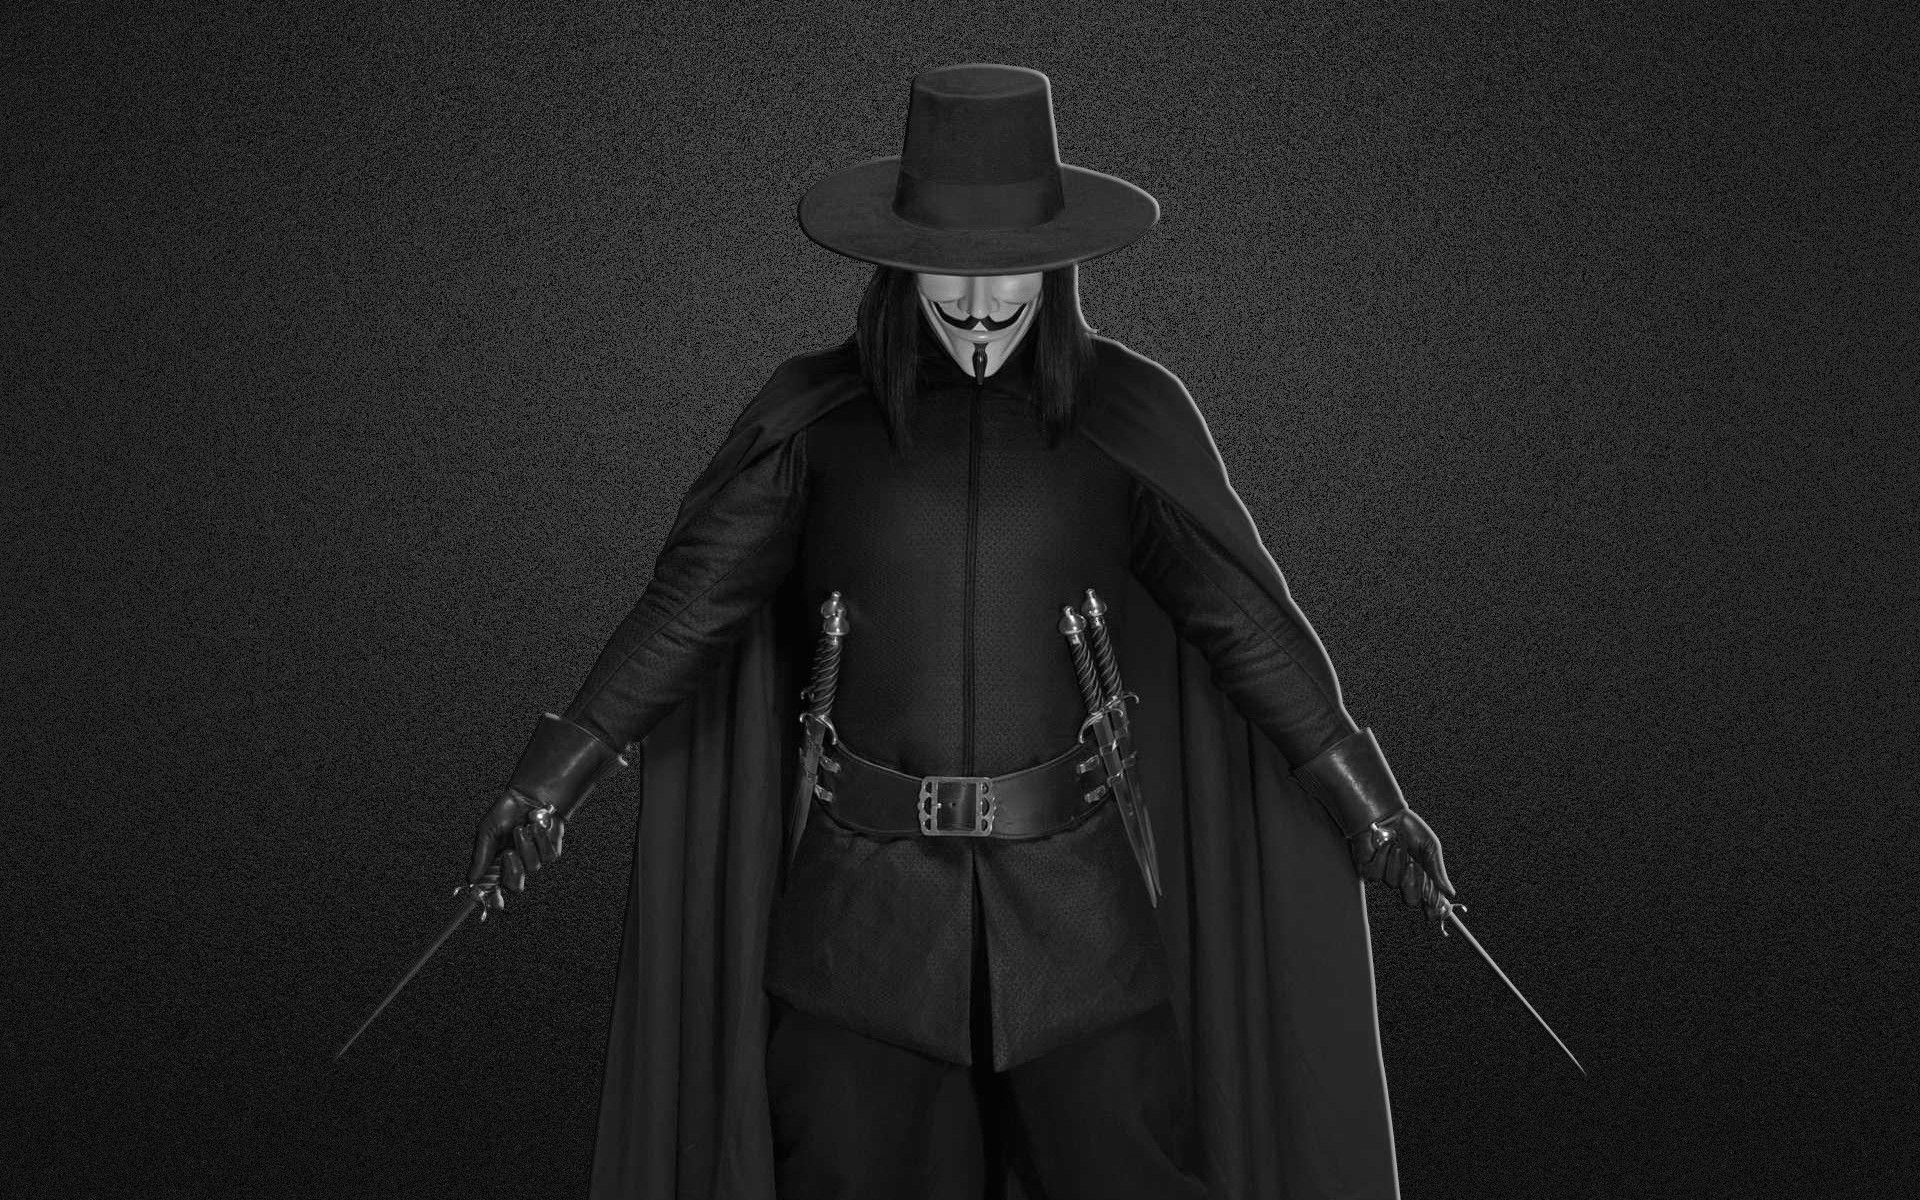 V For Vendetta Online